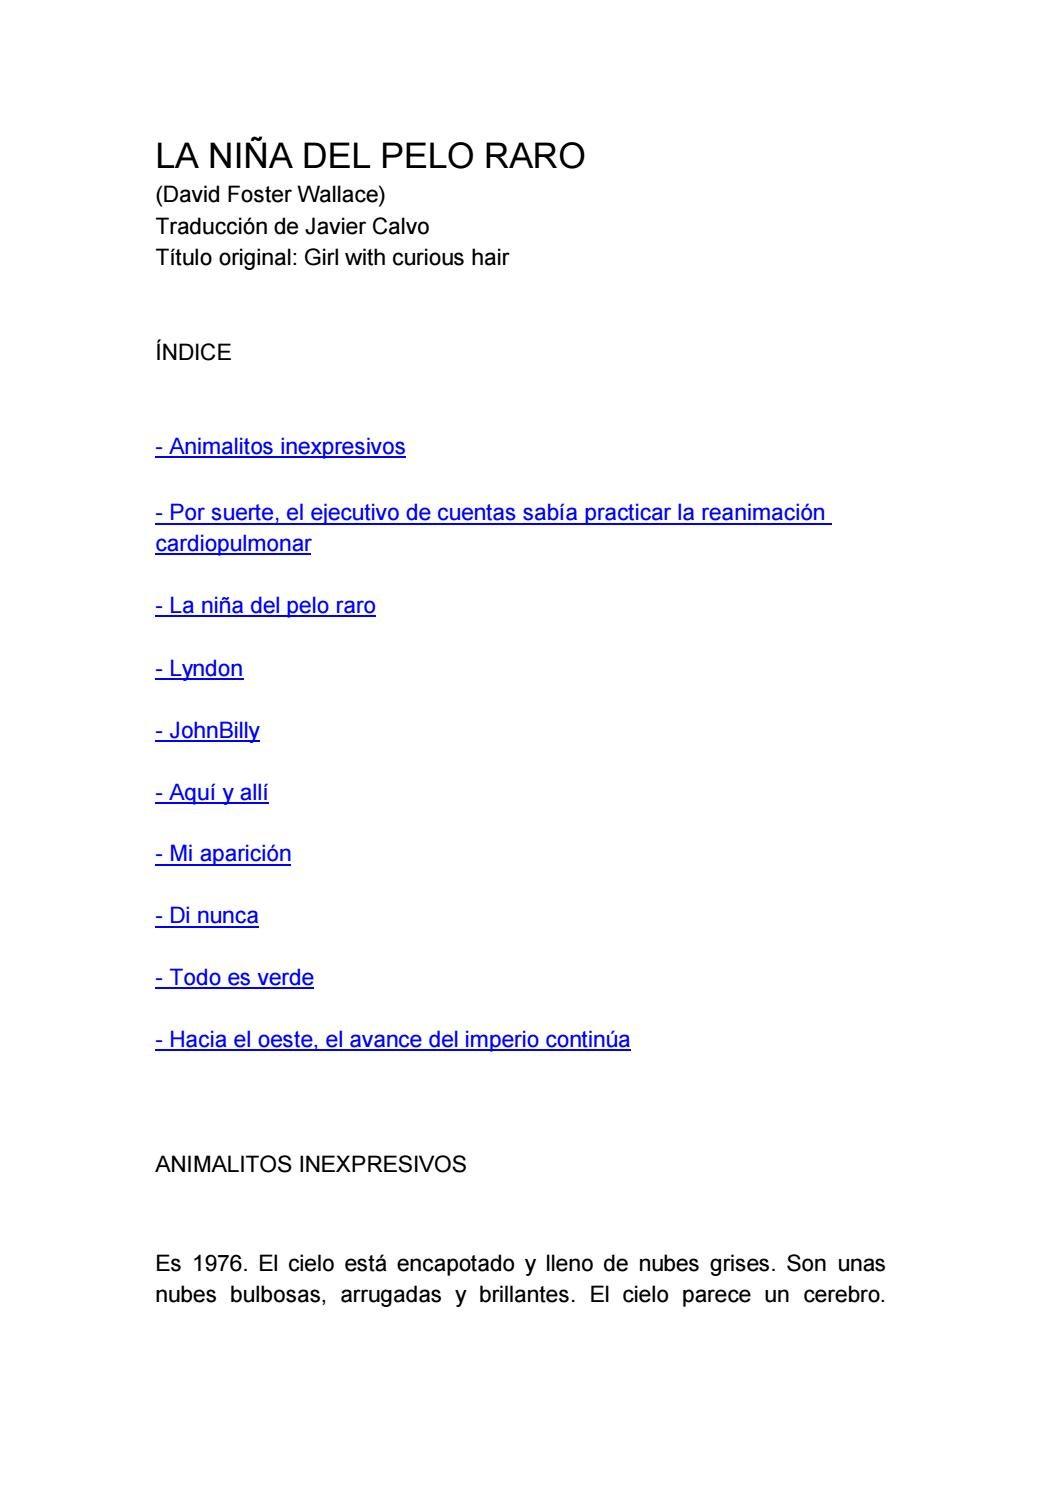 Hombres Solteros-285545